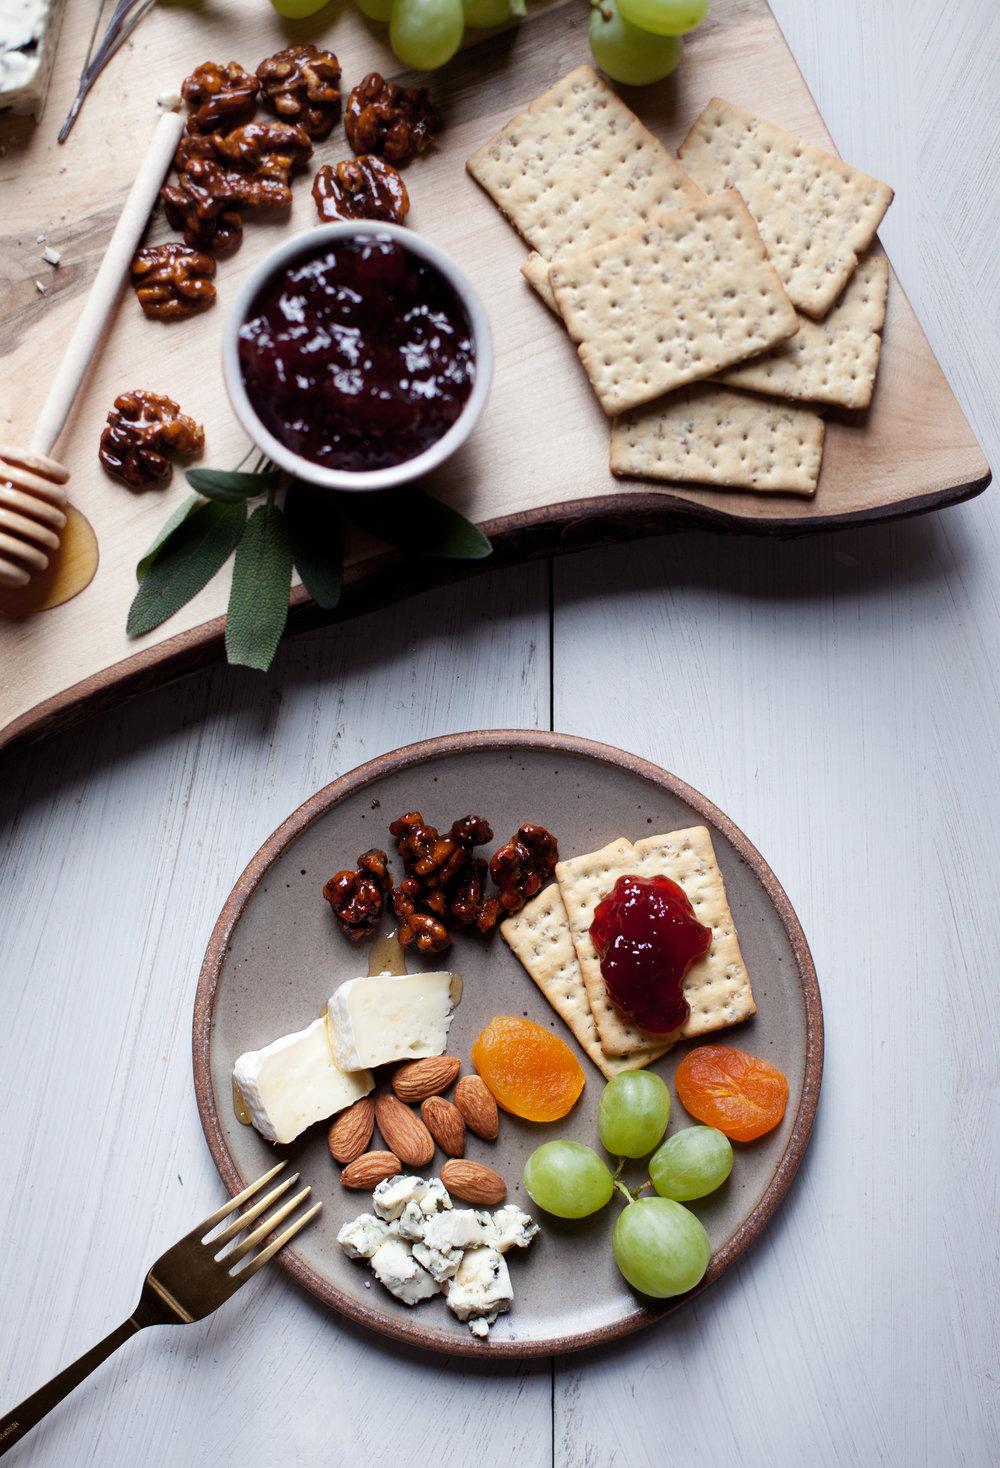 castello sweet cheese board viiii.jpg